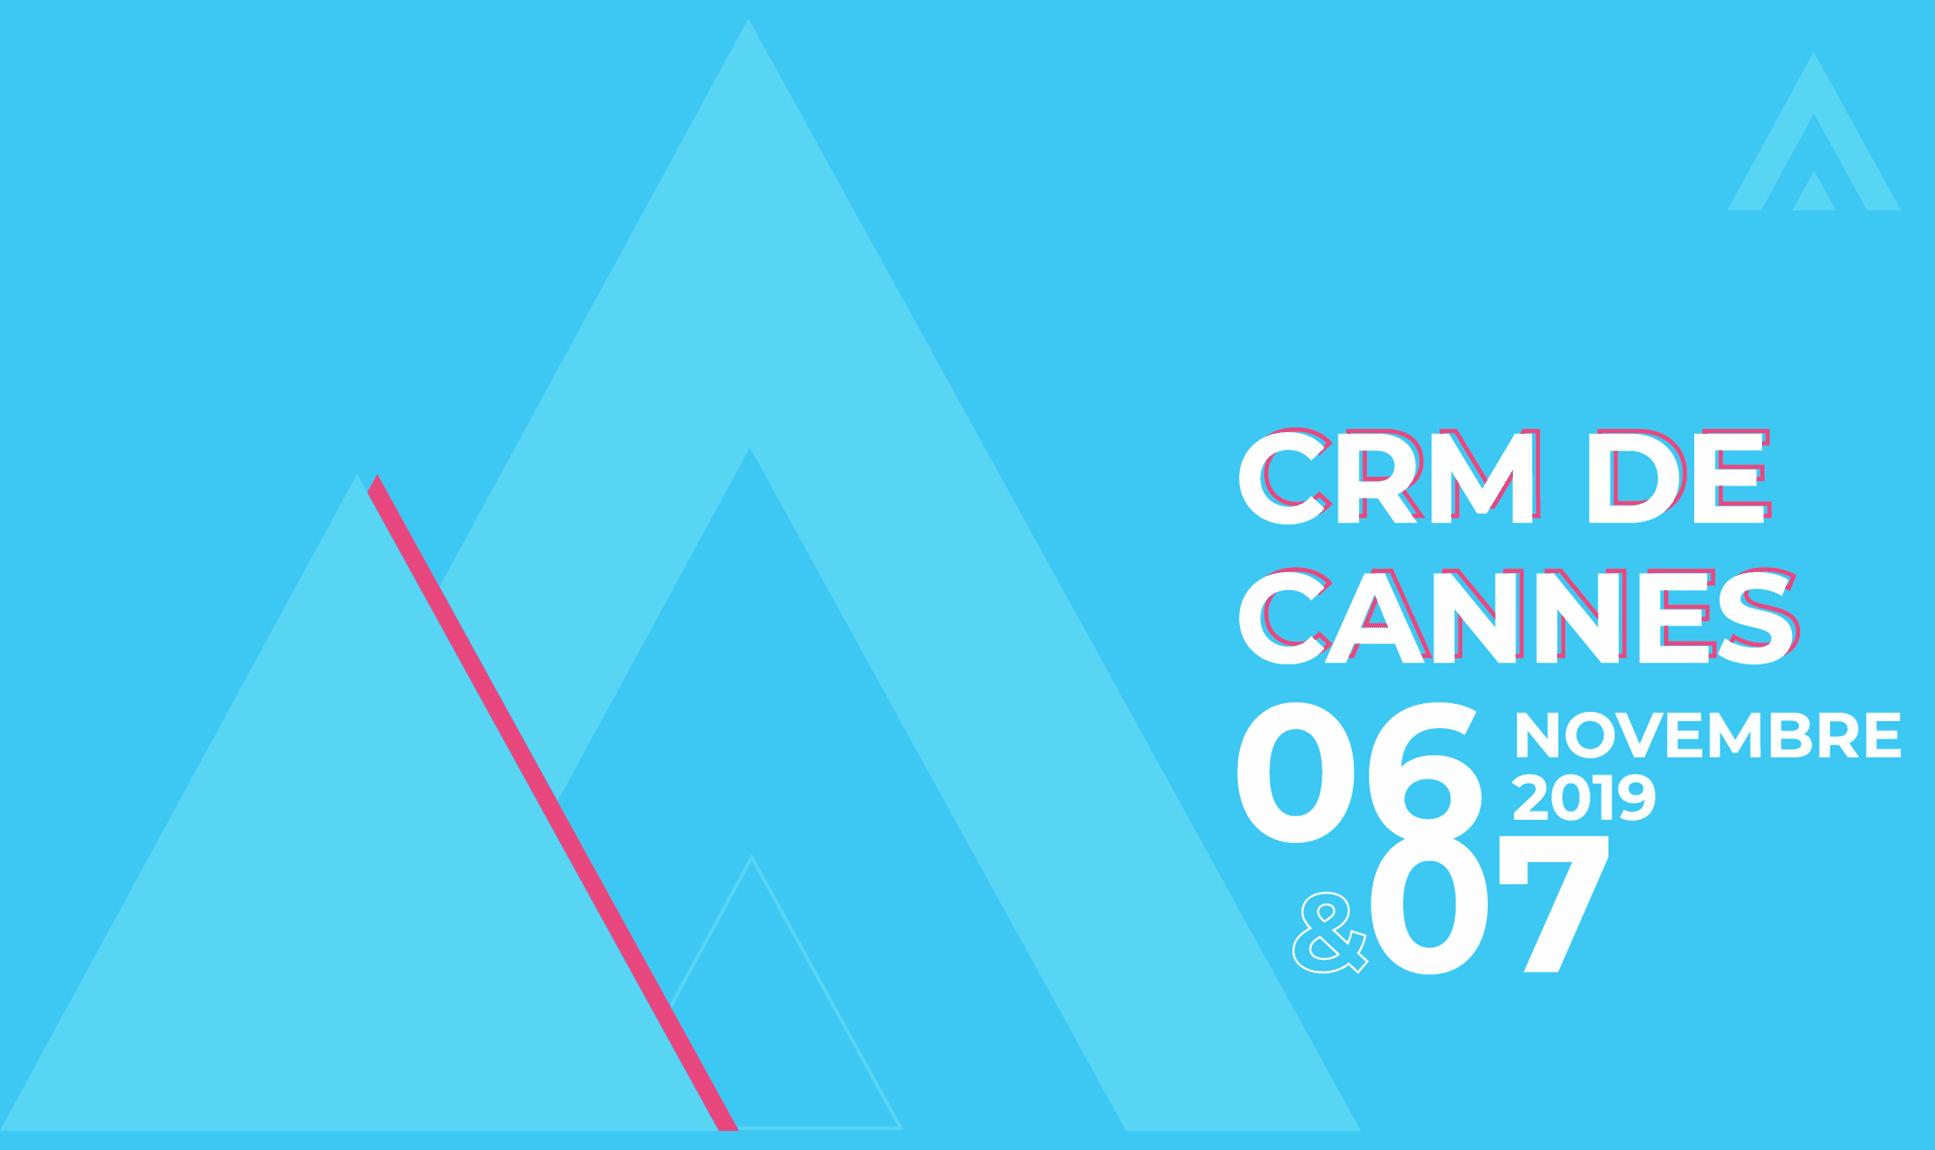 C.R.M. Meetings de Cannes : Bénéficiez gratuitement d'un audit SEO personnalisé ou d'une démo Semji